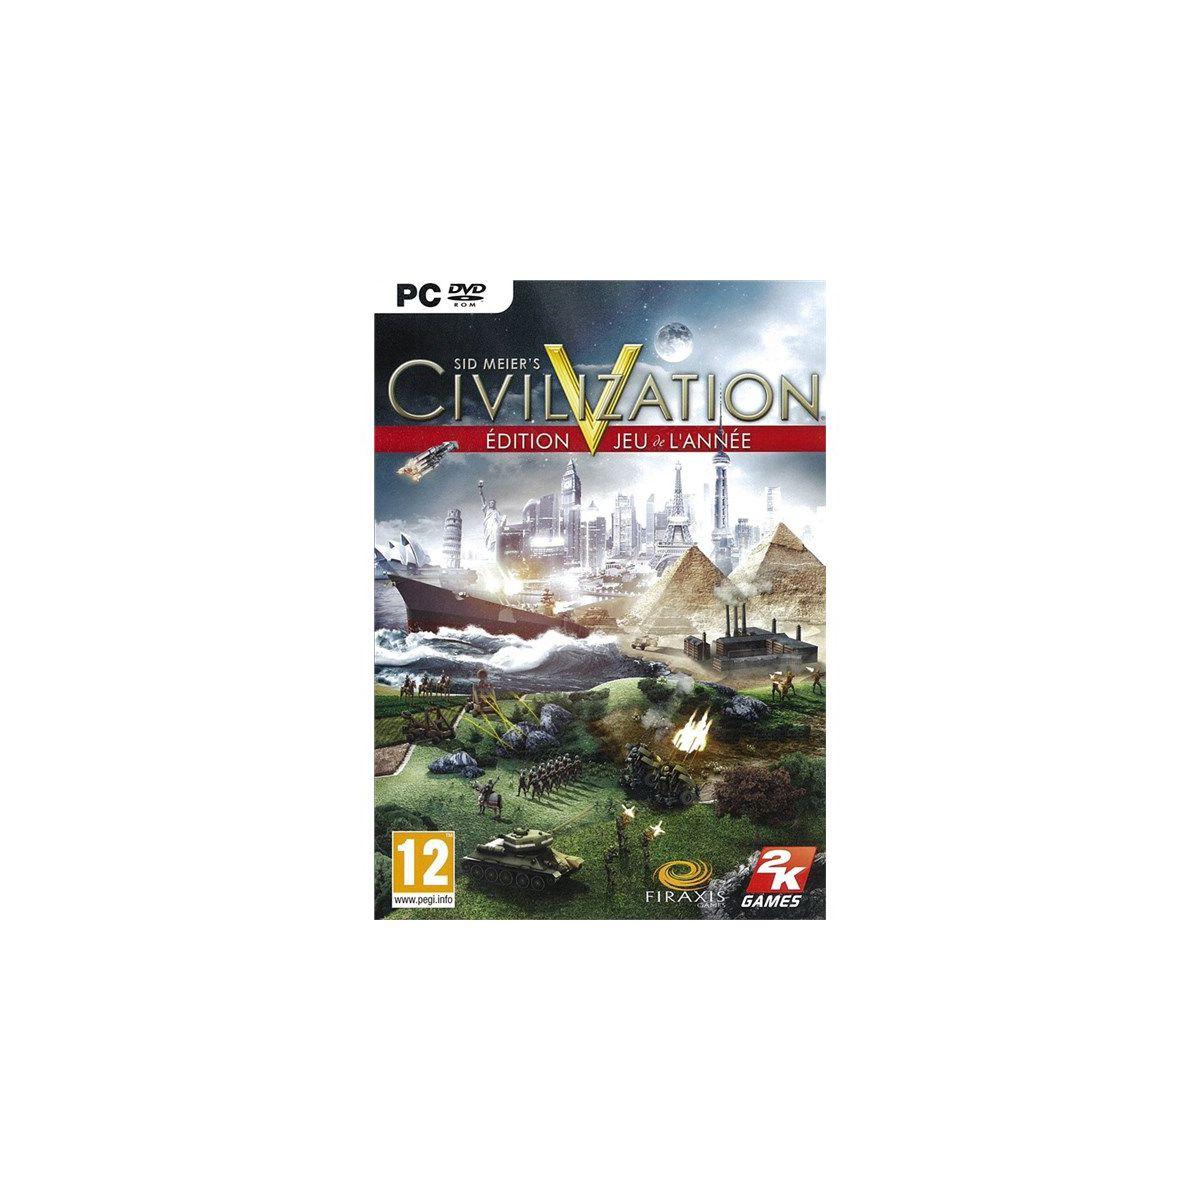 Jeu pc just for games civilization v goty - 3% de remise immédiate avec le code : multi3 (photo)